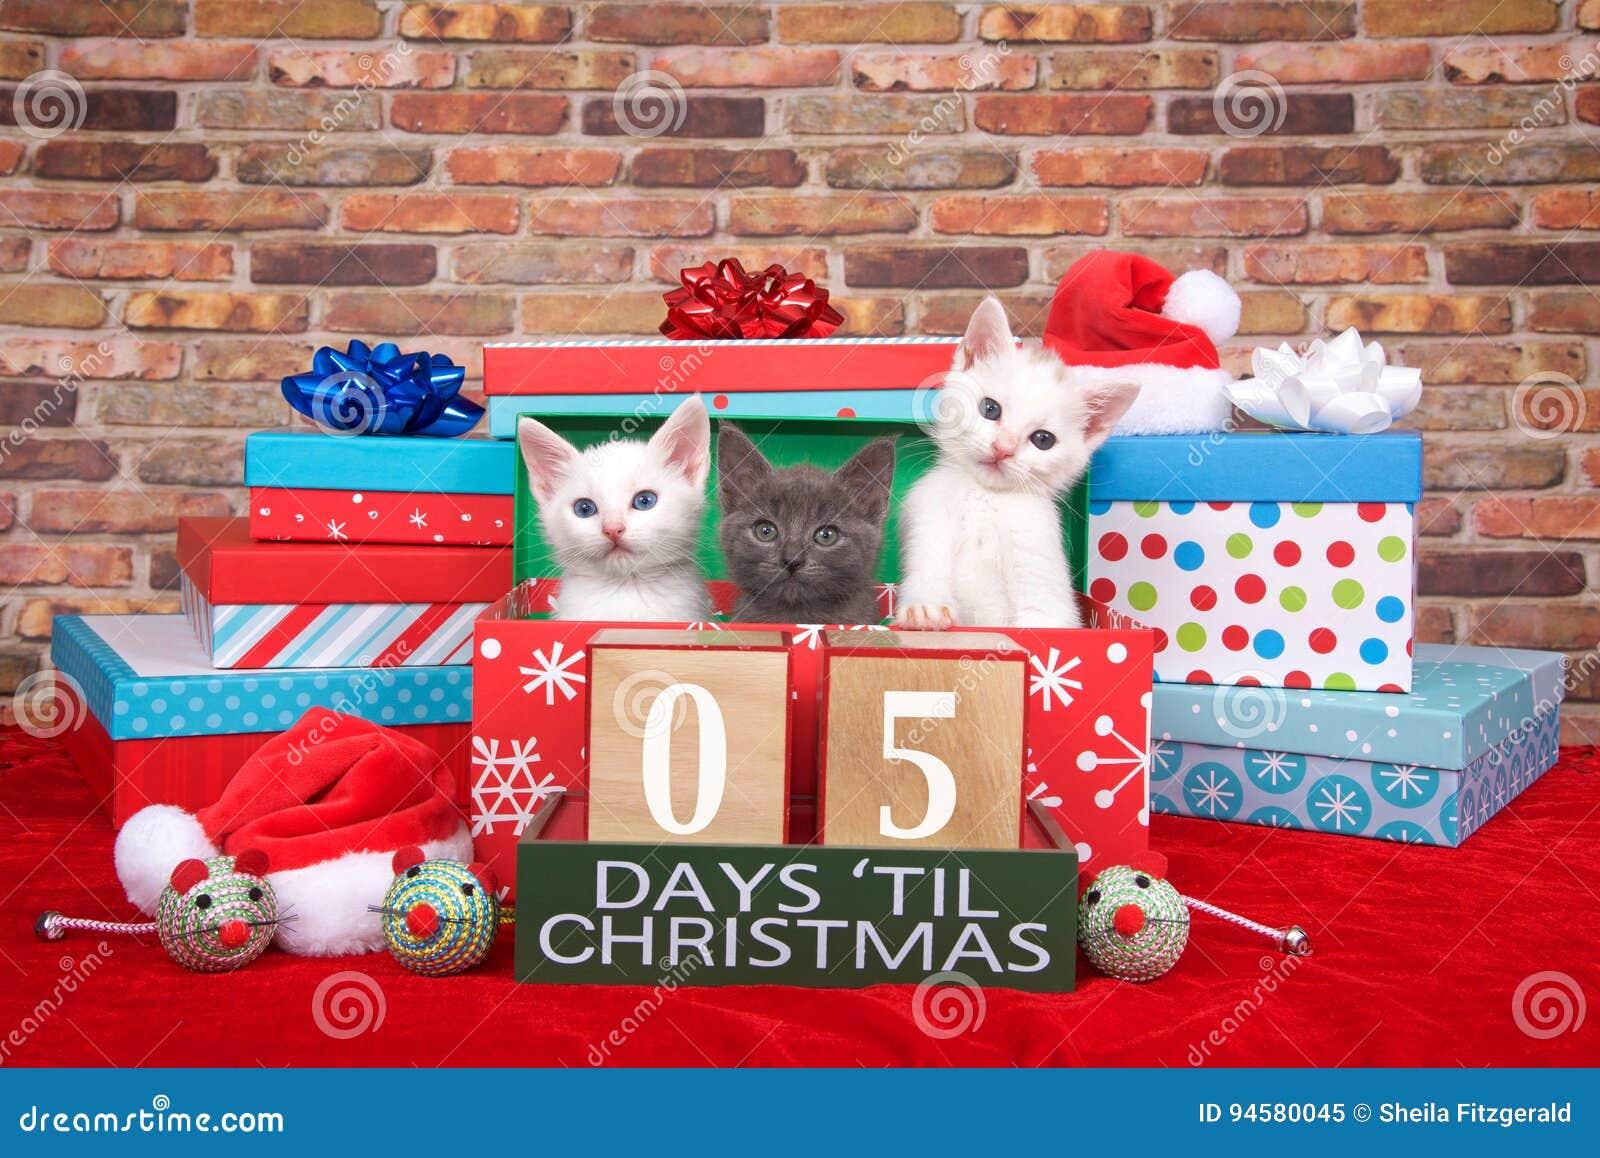 Gatinhos cinco dias até o Natal